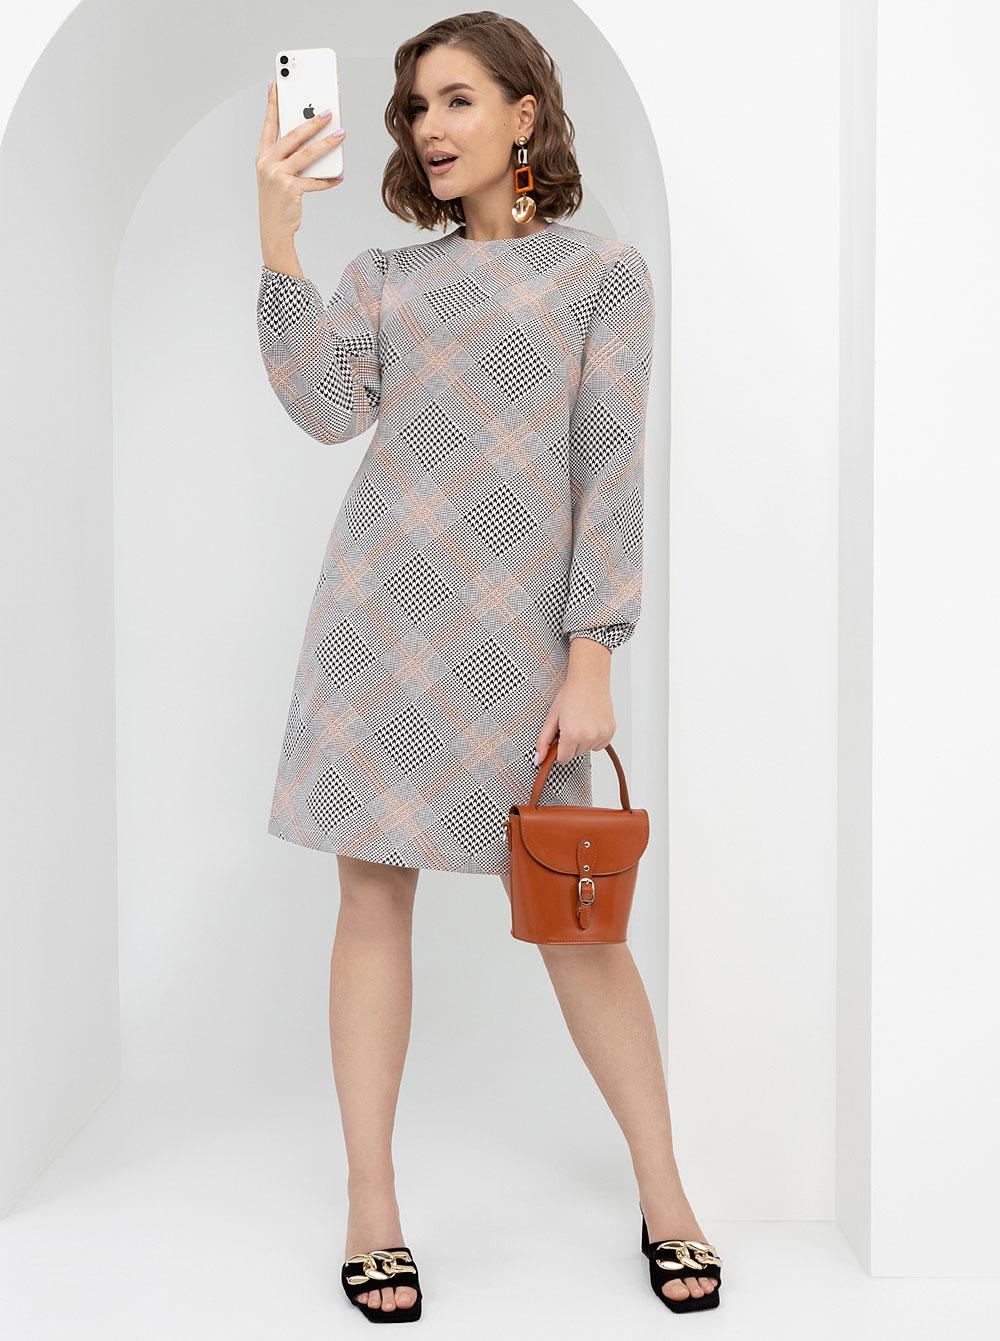 Купить Платье Софи CHARUTTI , цвет: Серый с доставкой в интернет-магазине Эгерия